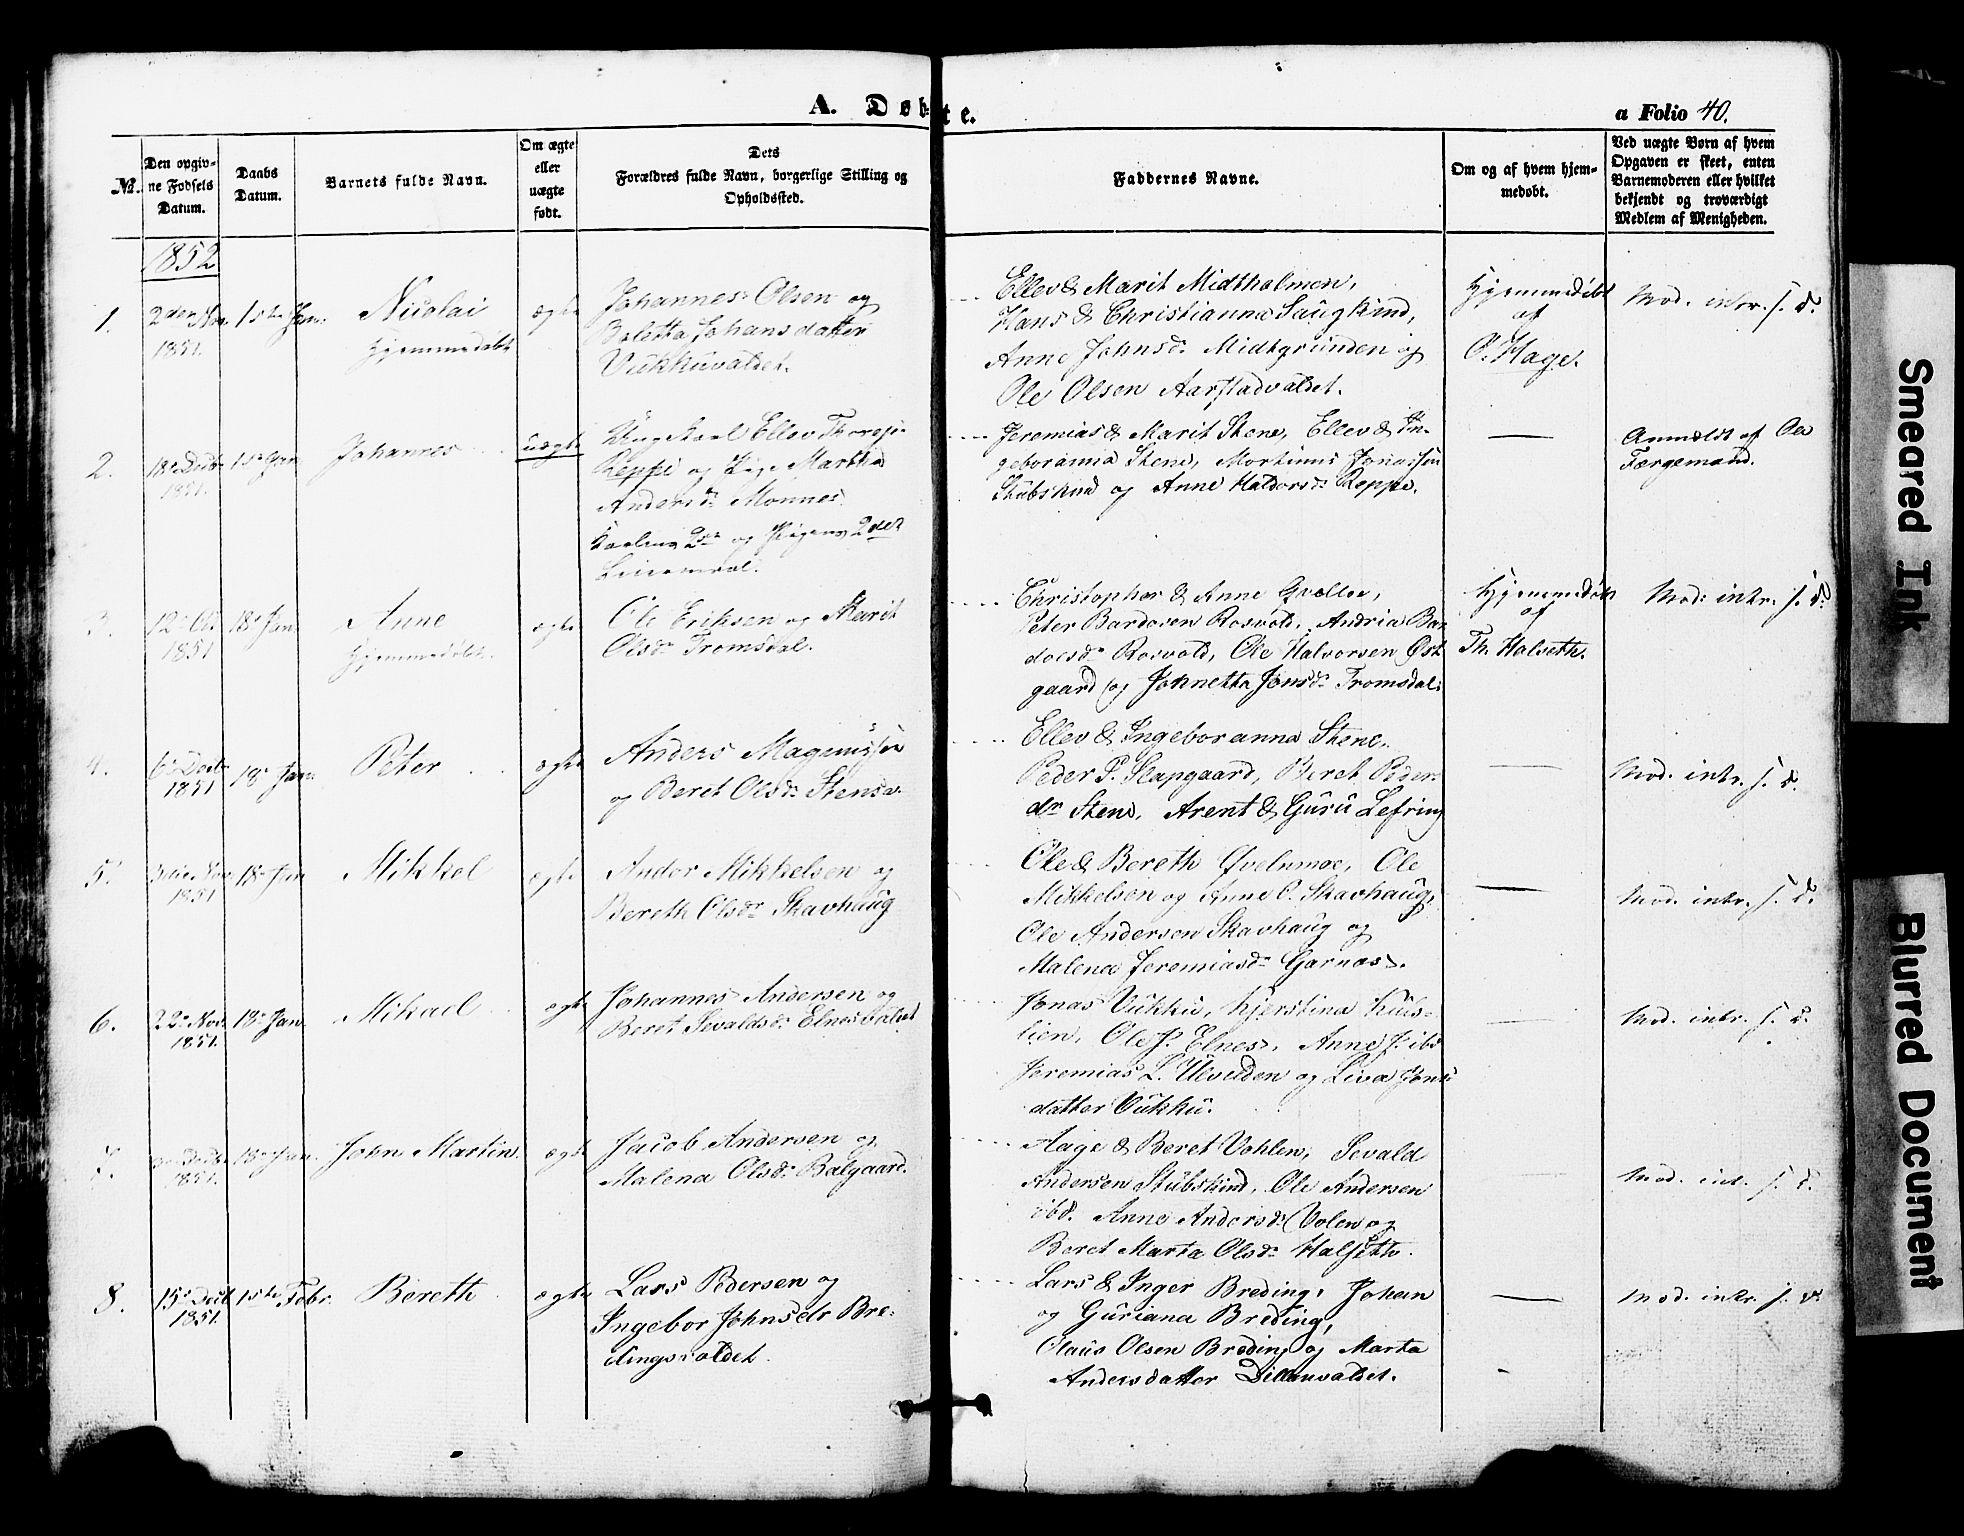 SAT, Ministerialprotokoller, klokkerbøker og fødselsregistre - Nord-Trøndelag, 724/L0268: Klokkerbok nr. 724C04, 1846-1878, s. 40